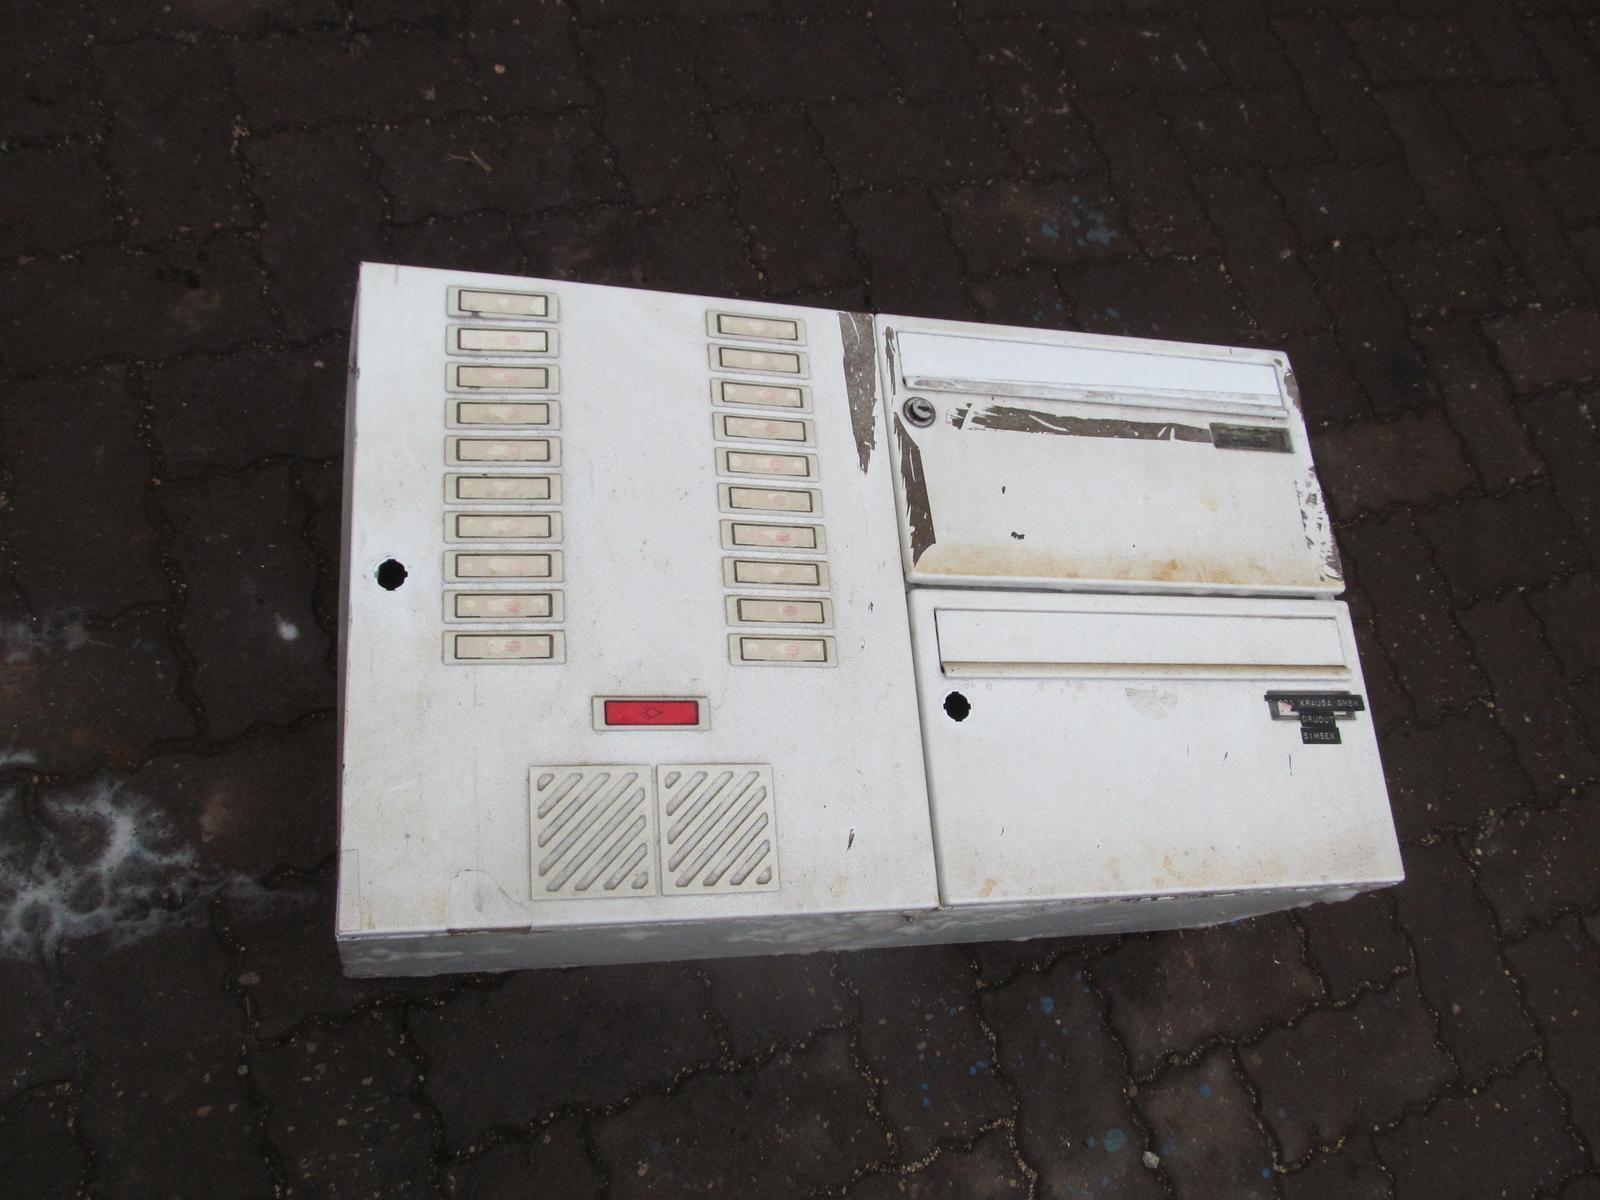 Alte renz aufputz briefkastenanlage mit Installationskasten ohne schloss Bastler